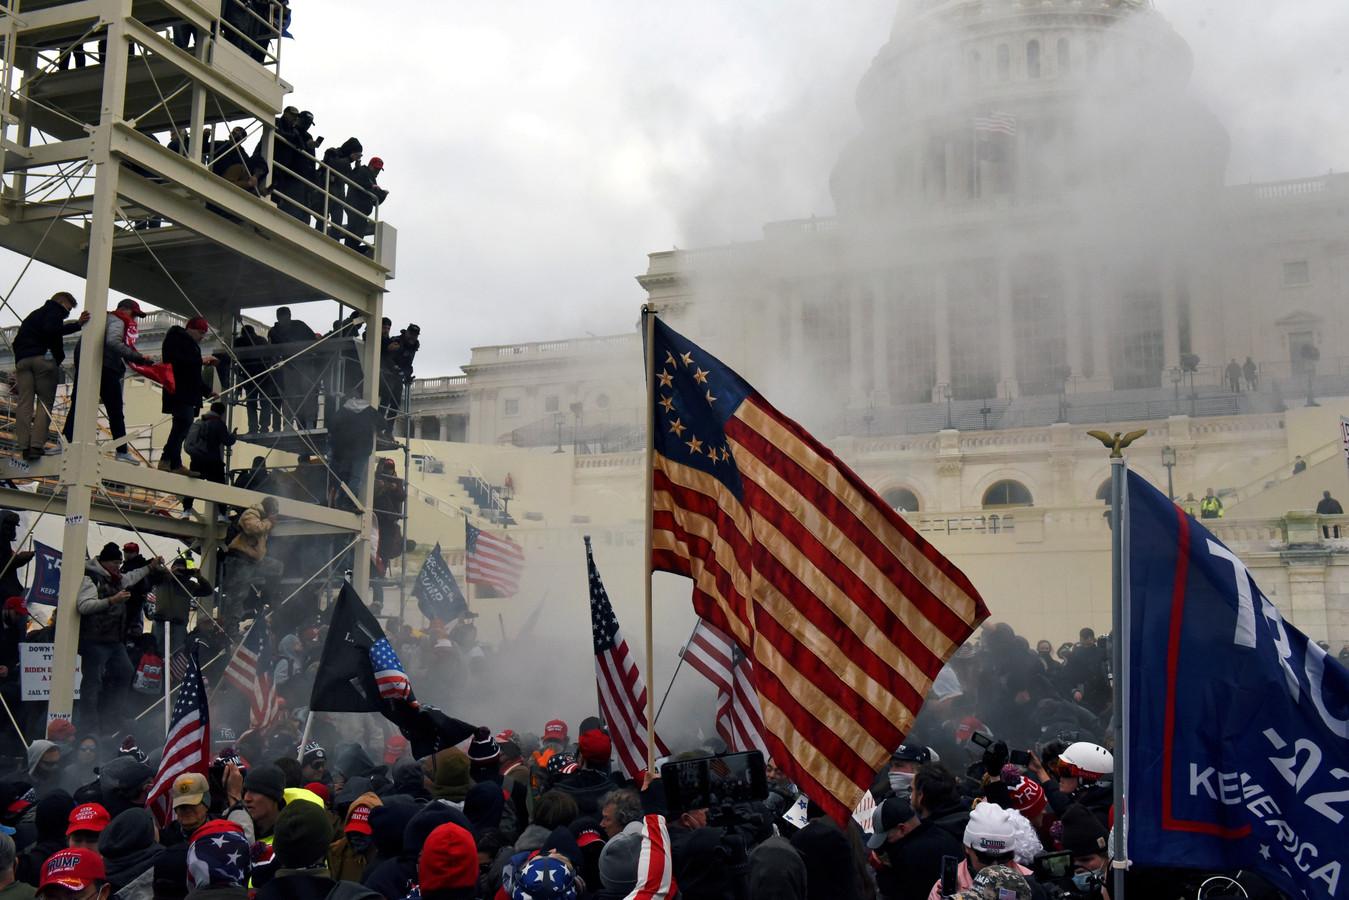 Aanhangers van de Amerikaanse president Donald Trump tijdens de bestorming van het Capitool op 6 januari in Washington.